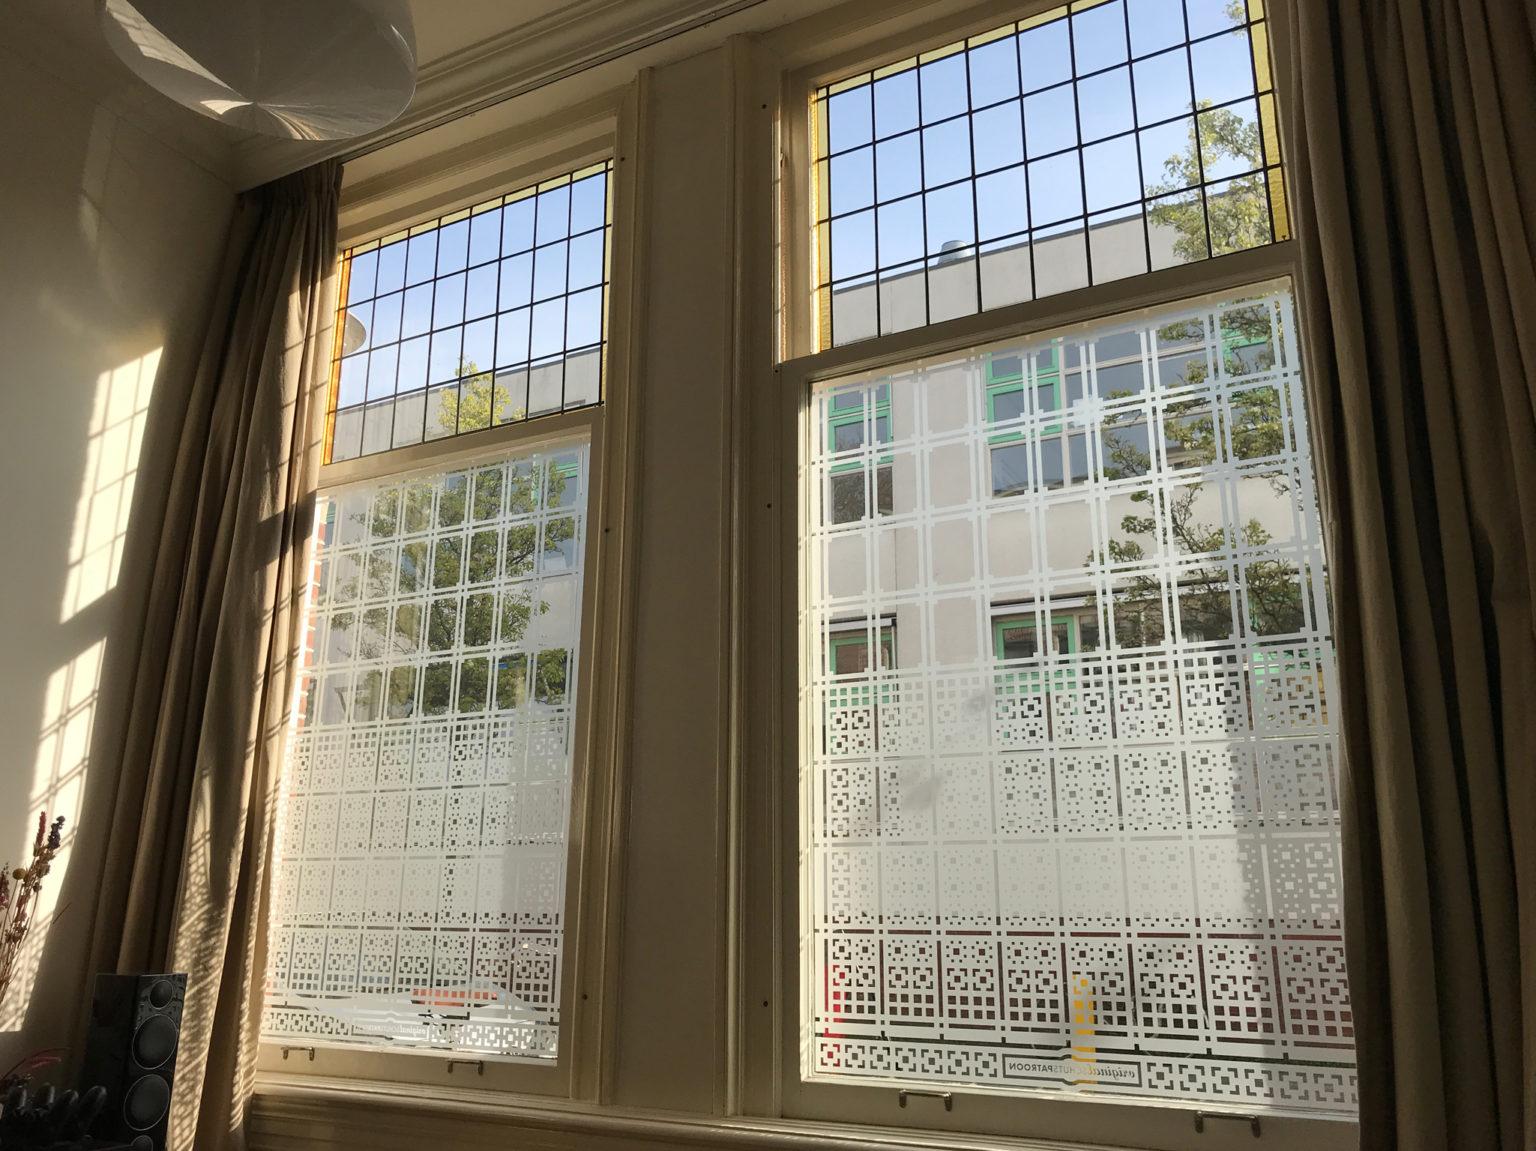 op maat ontworpen raamfolie patroon / schutspatroon voor woonkamer van binnen gezien 2